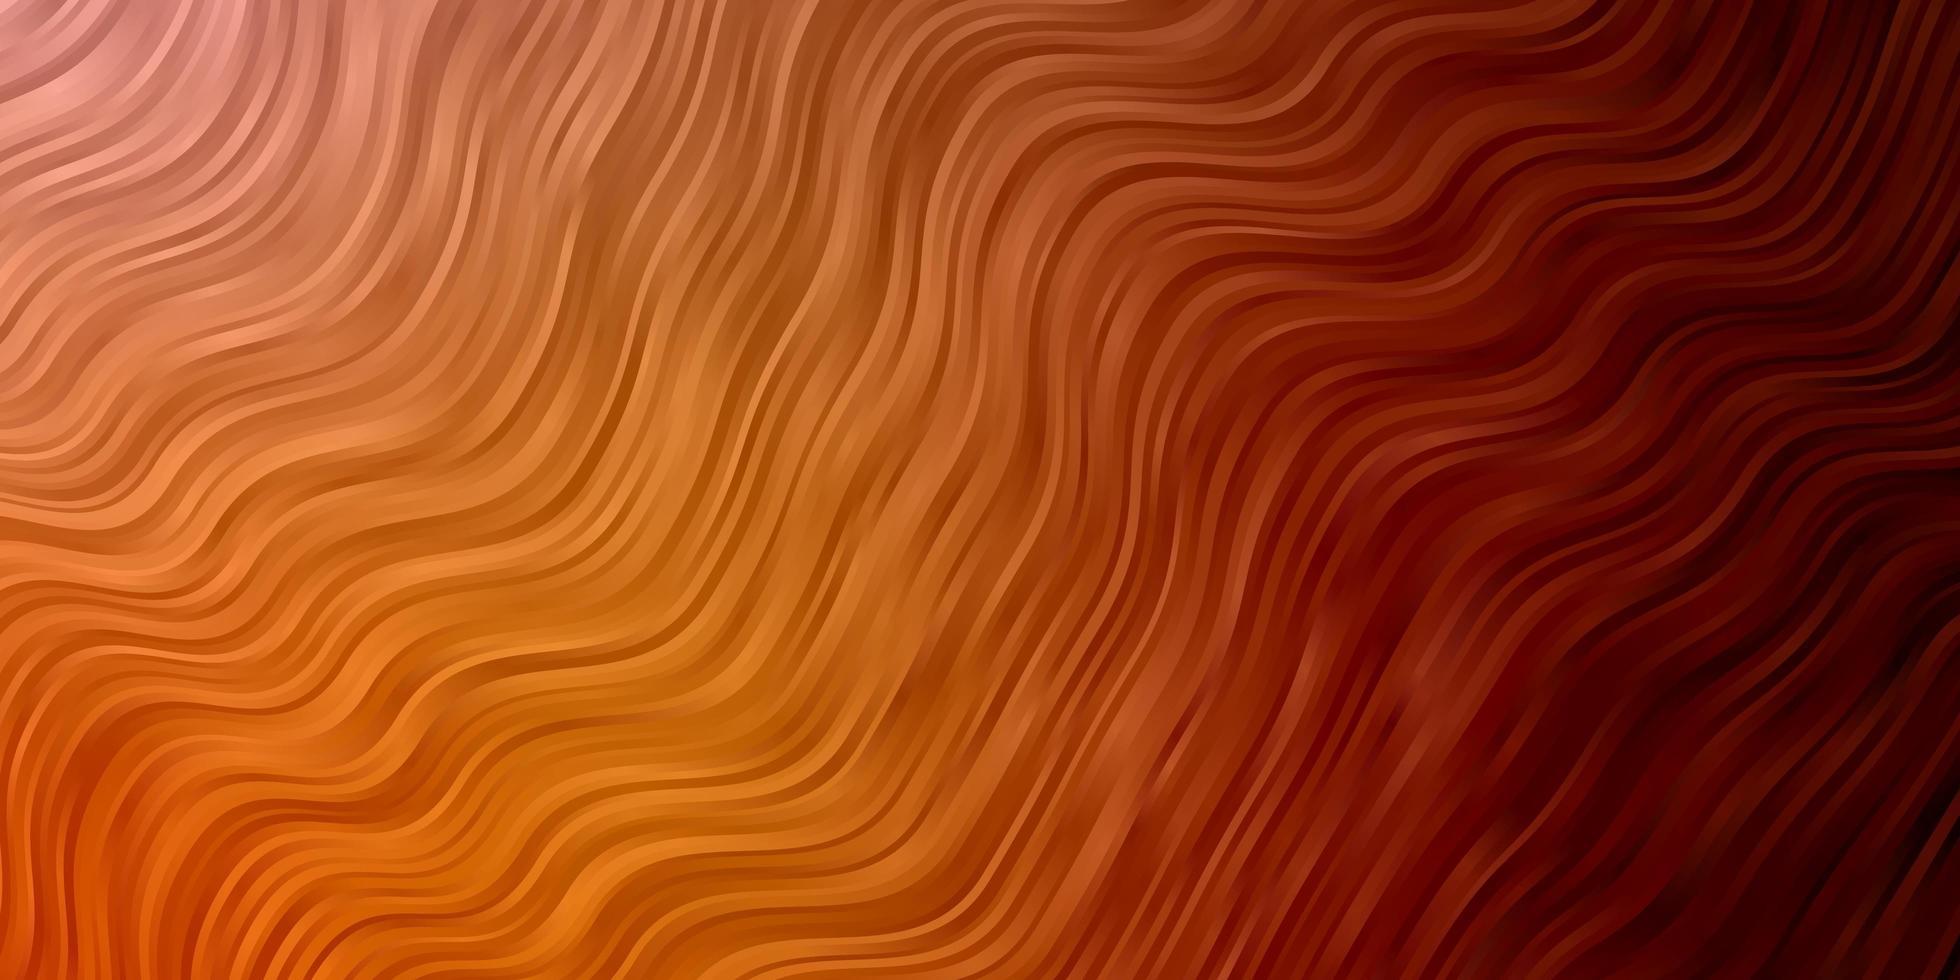 textura de vector naranja claro con arco circular.